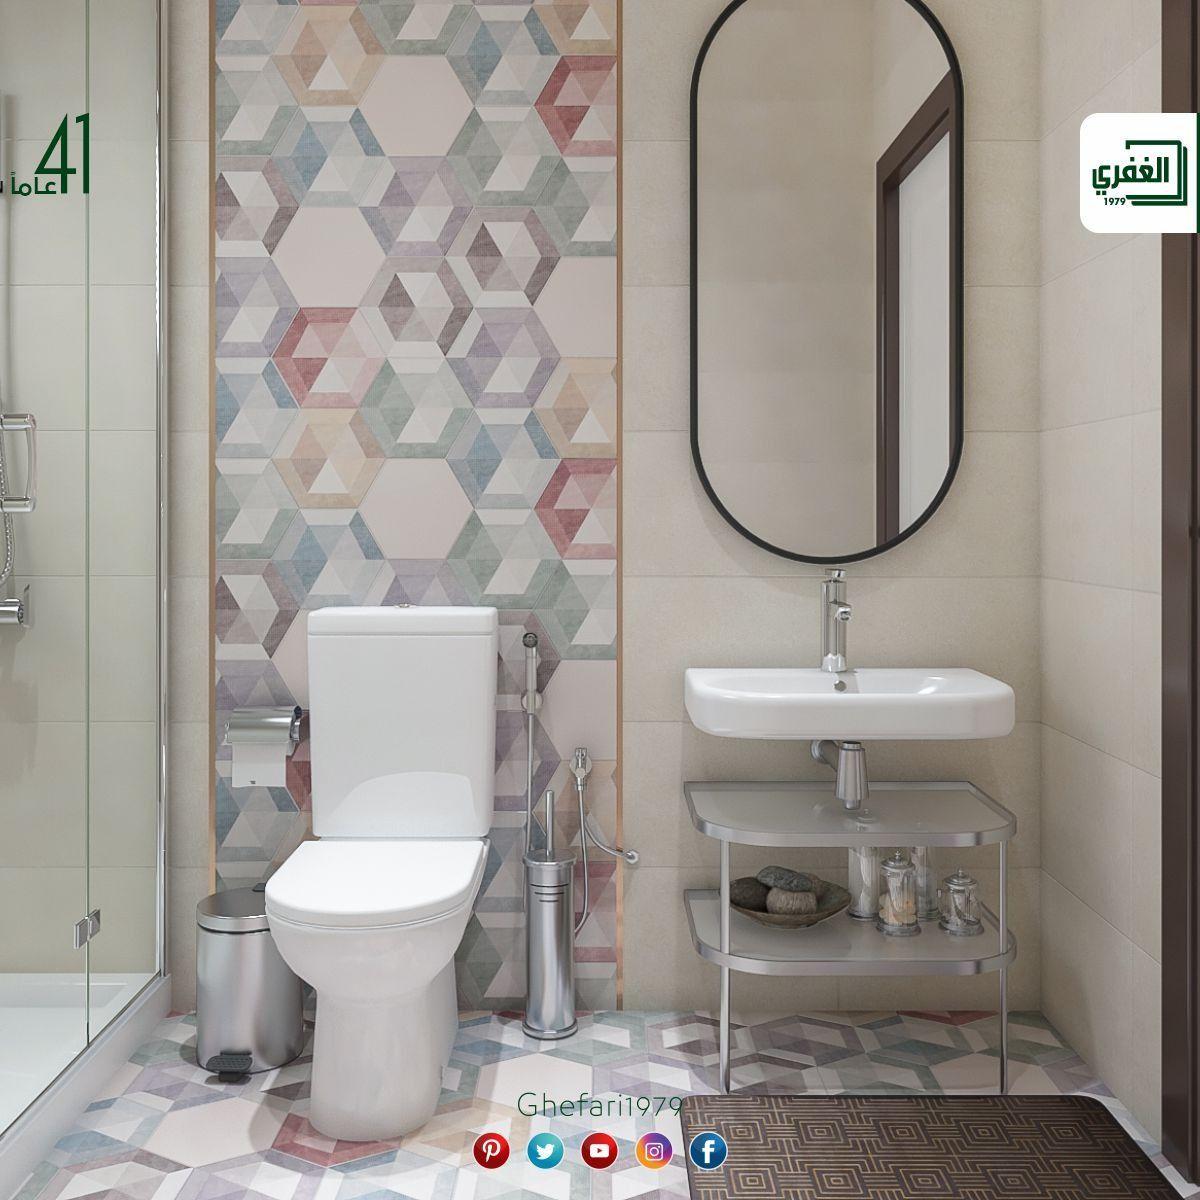 بورسلان أسباني ديكور للاستخدام داخل الحمامات المطابخ اماكن اخرى للمزيد زورونا على موقع الشركة Https Www Framed Bathroom Mirror Bathroom Mirror Home Decor